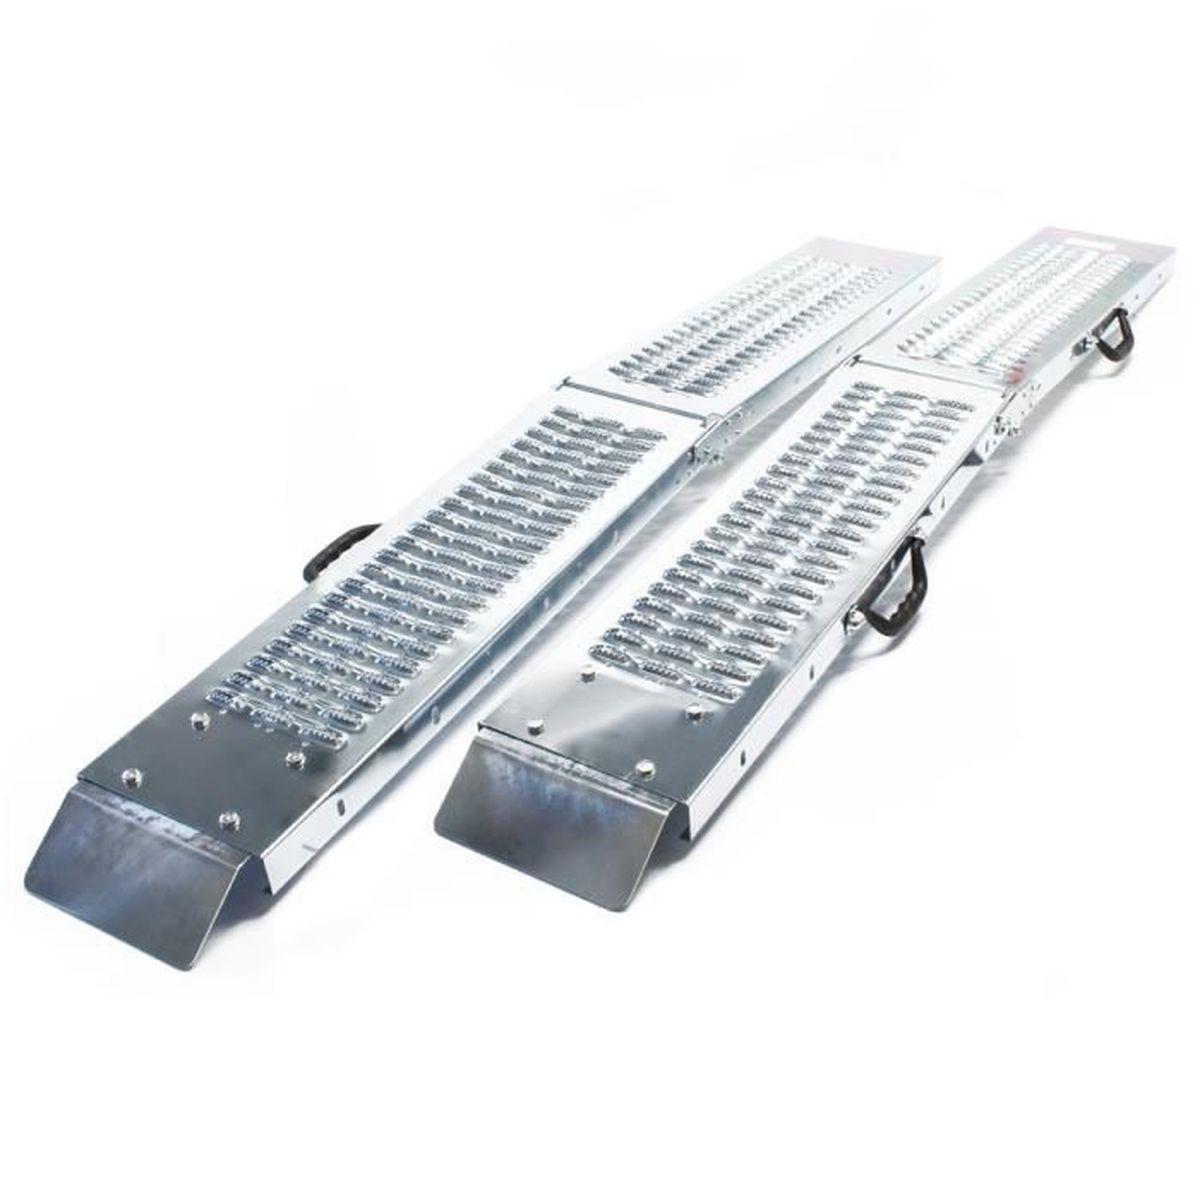 2x rampe de chargement acier galvanis/é moto ATV quad rail collision 160x22.5x4.5cm 400kg